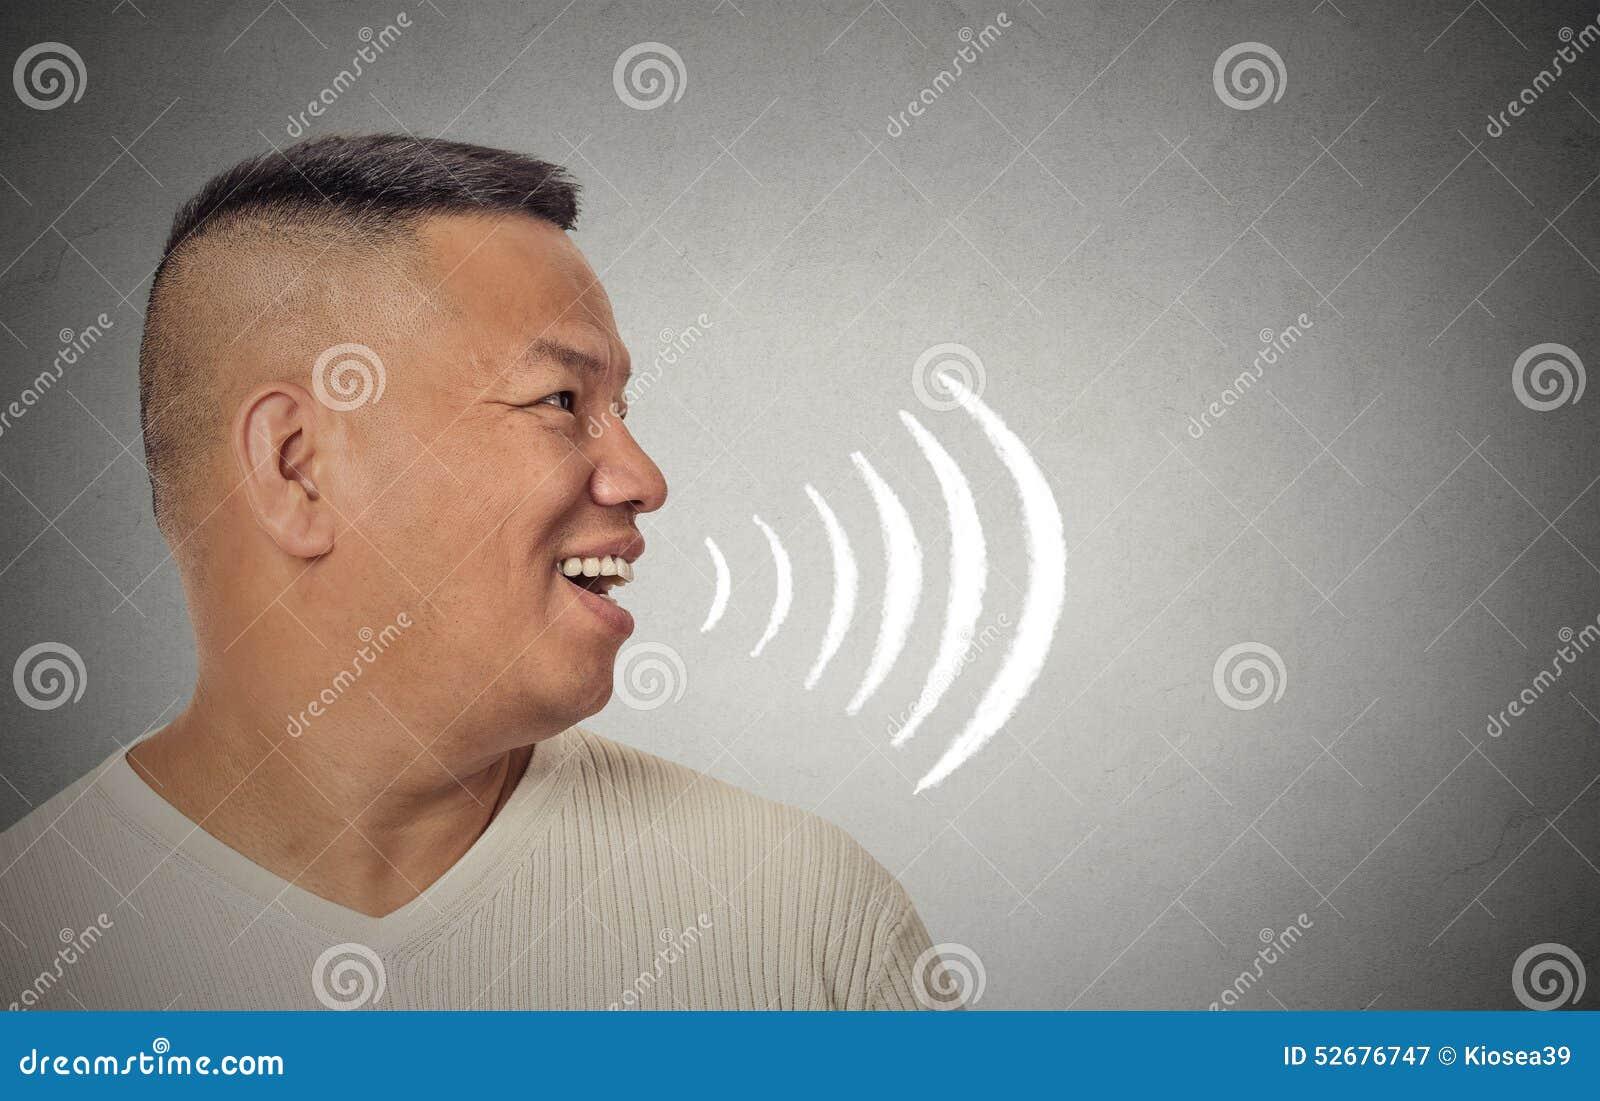 供以人员谈话与从他的开放嘴出来的声波